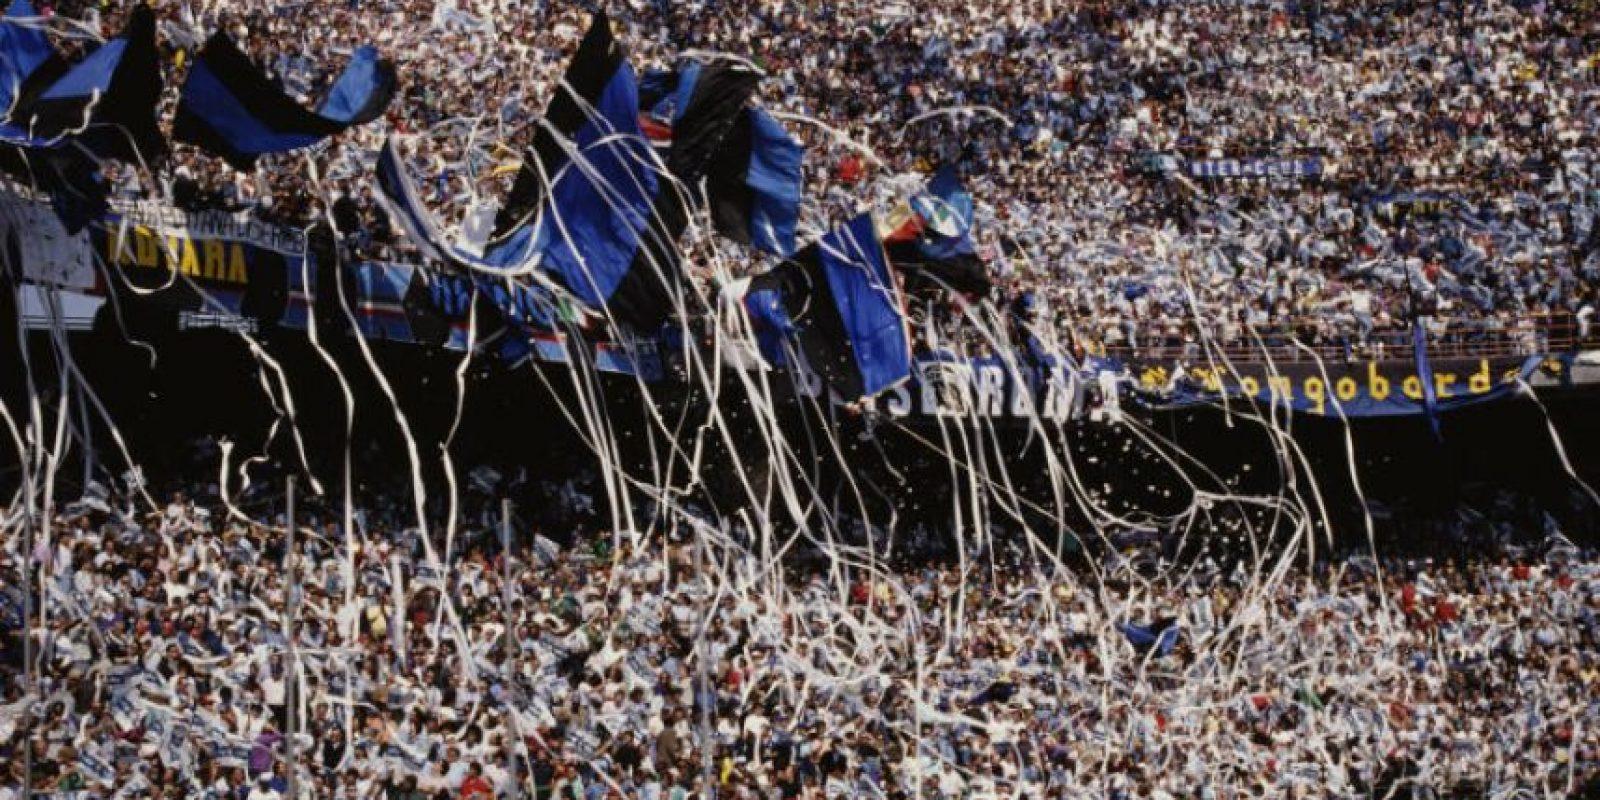 Fue el líder de la Selección de Italia que ganó los Mundiales de 1934 y 1938. Murió en 1979 a los 68 años. El estadio del Inter lleva su nombre desde 1980 Foto:Getty Images